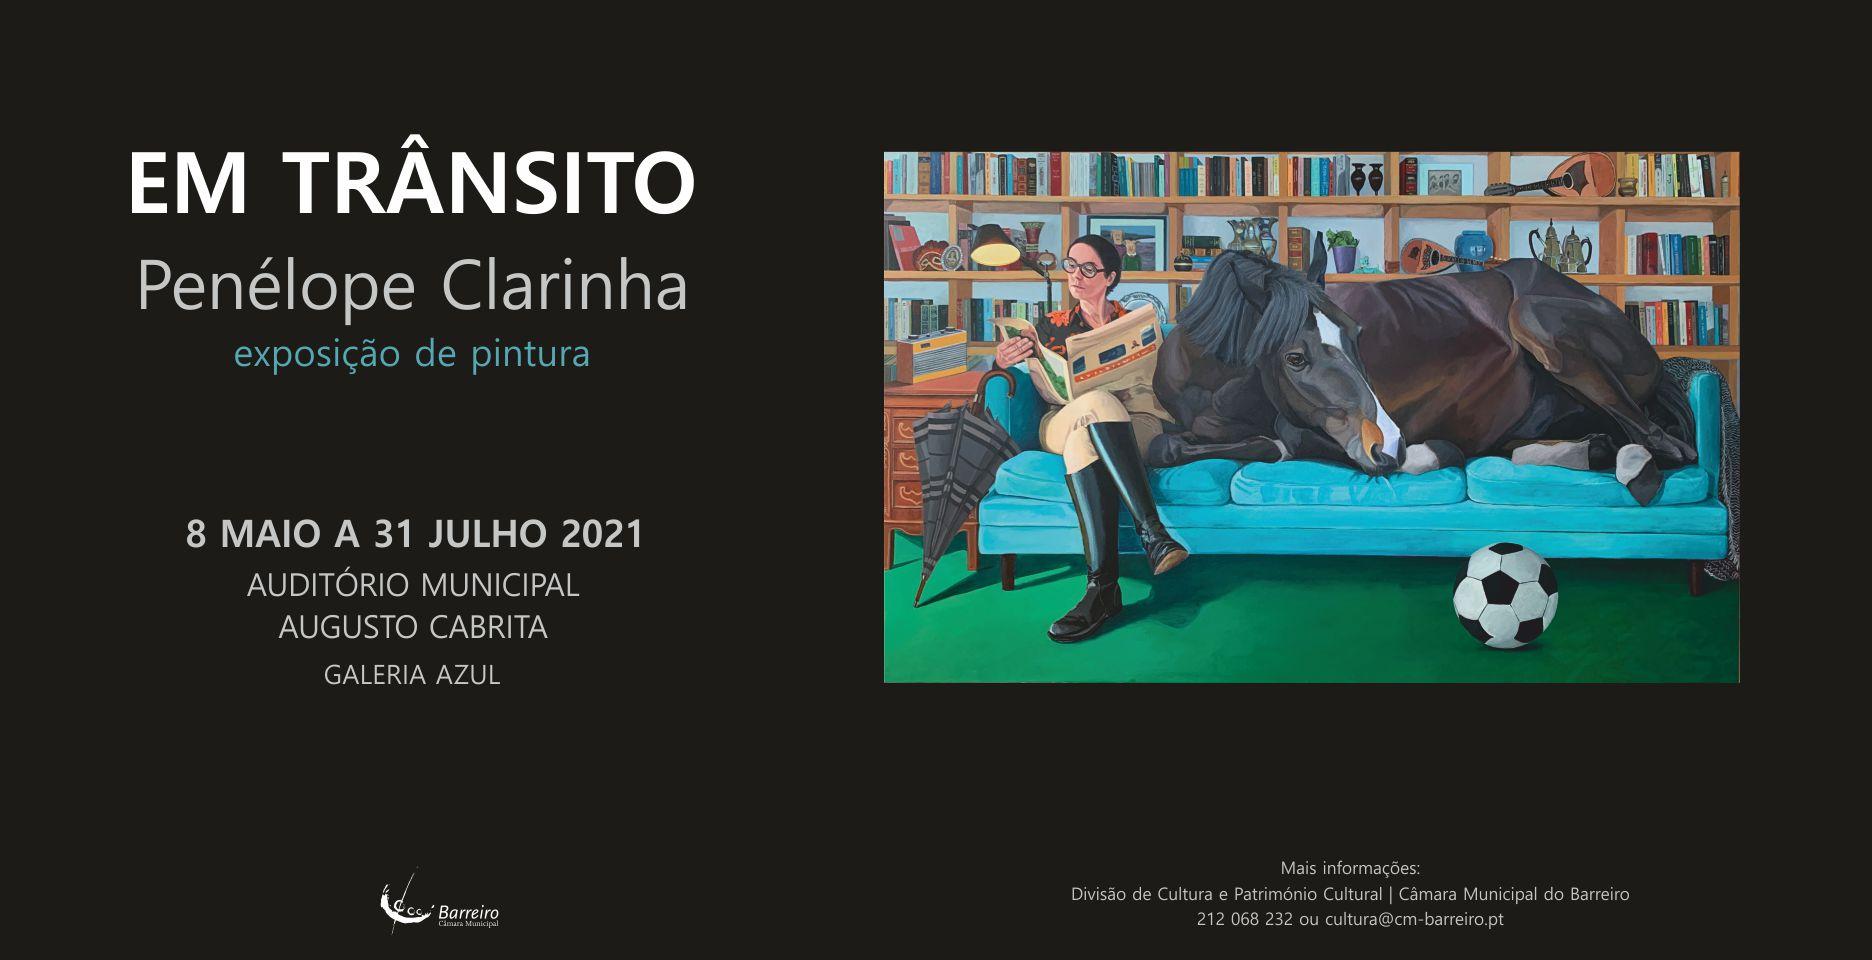 Em Trânsito, Exposição de pintura de Penélope Clarinha   Inauguração